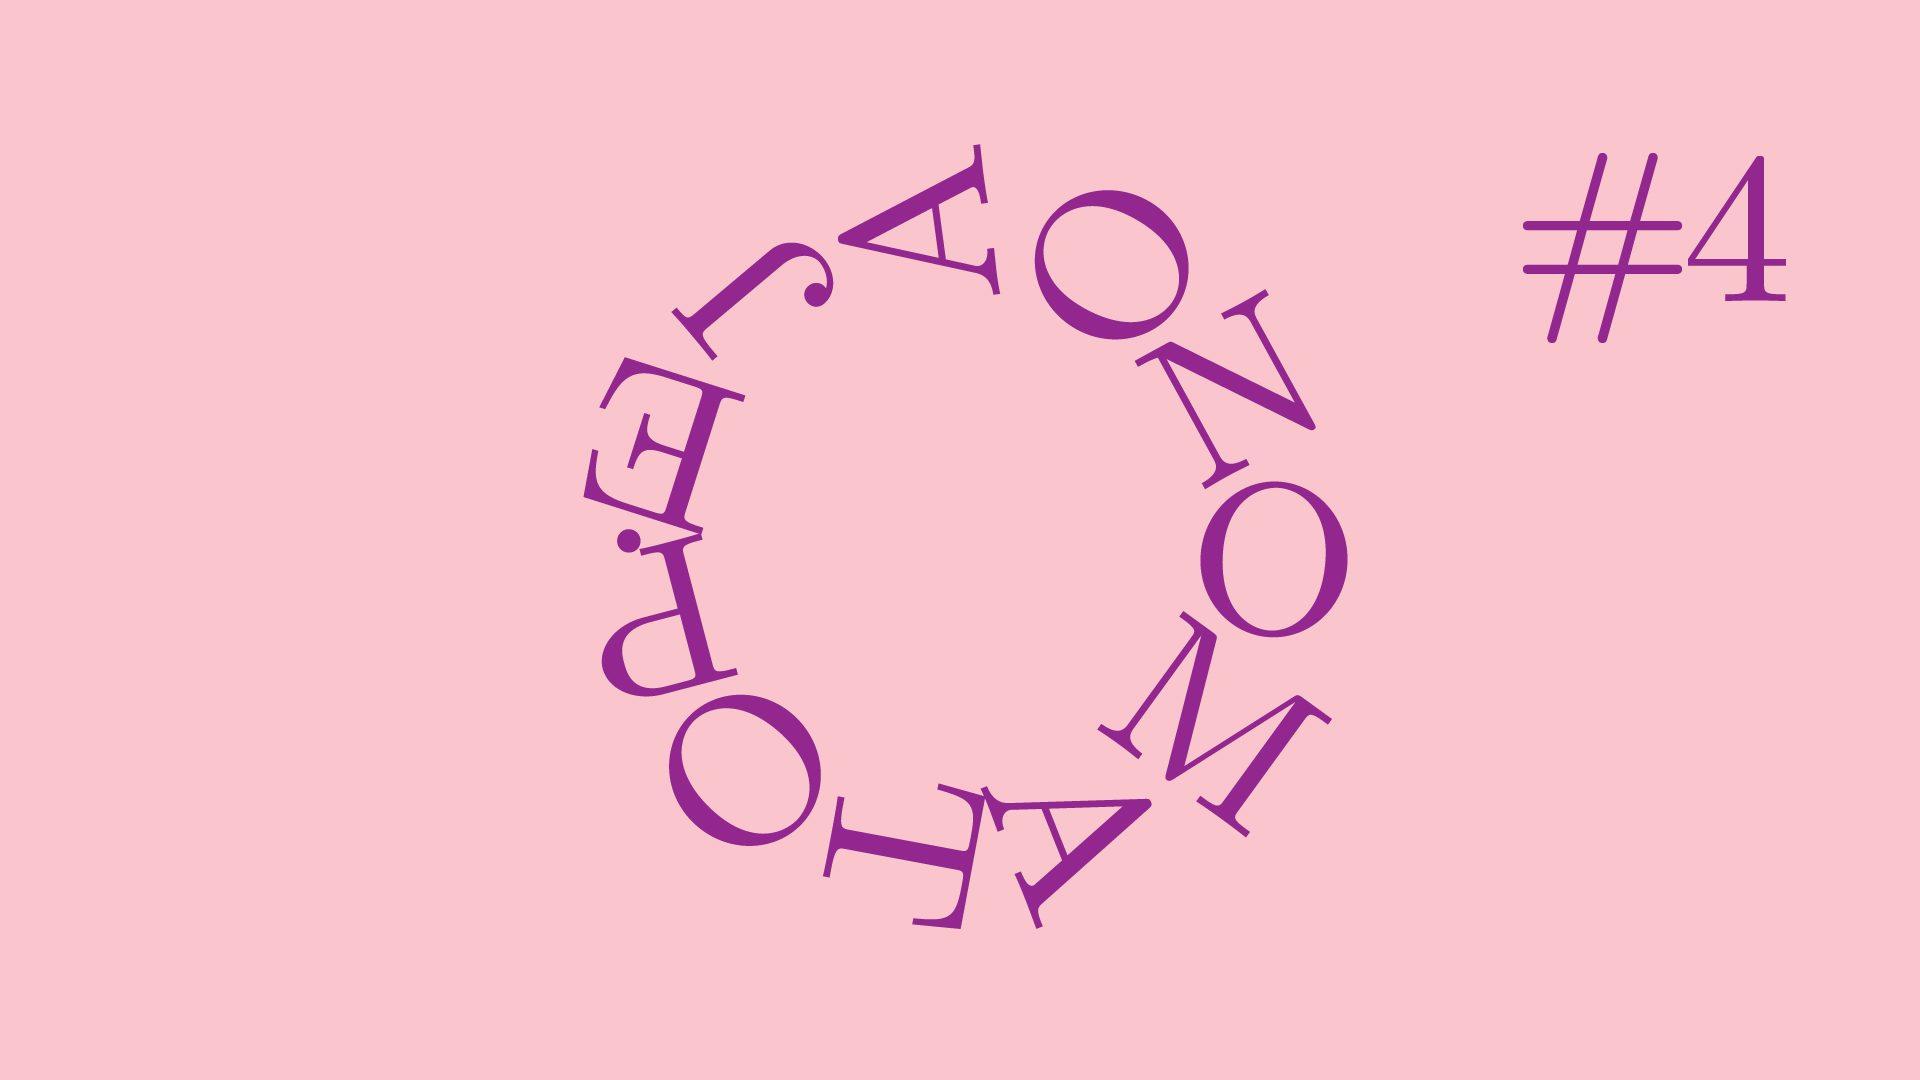 """""""Onomatopėja"""" tęsia moters balso temą. Laima Kreivytė pristato amerikiečių poetes Anne Sexton (1928-1974)  ir Adrienne Rich (1929-2012) – išpažintinės lyrikos ir politinio kalbėjimo naujus horizontus atvėrusias asmenybes. Pačių poečių balsai ir skaitoma poezija, esė bei jų vertimai įkvepia pasitikėjimą kuriančių moterų galia."""